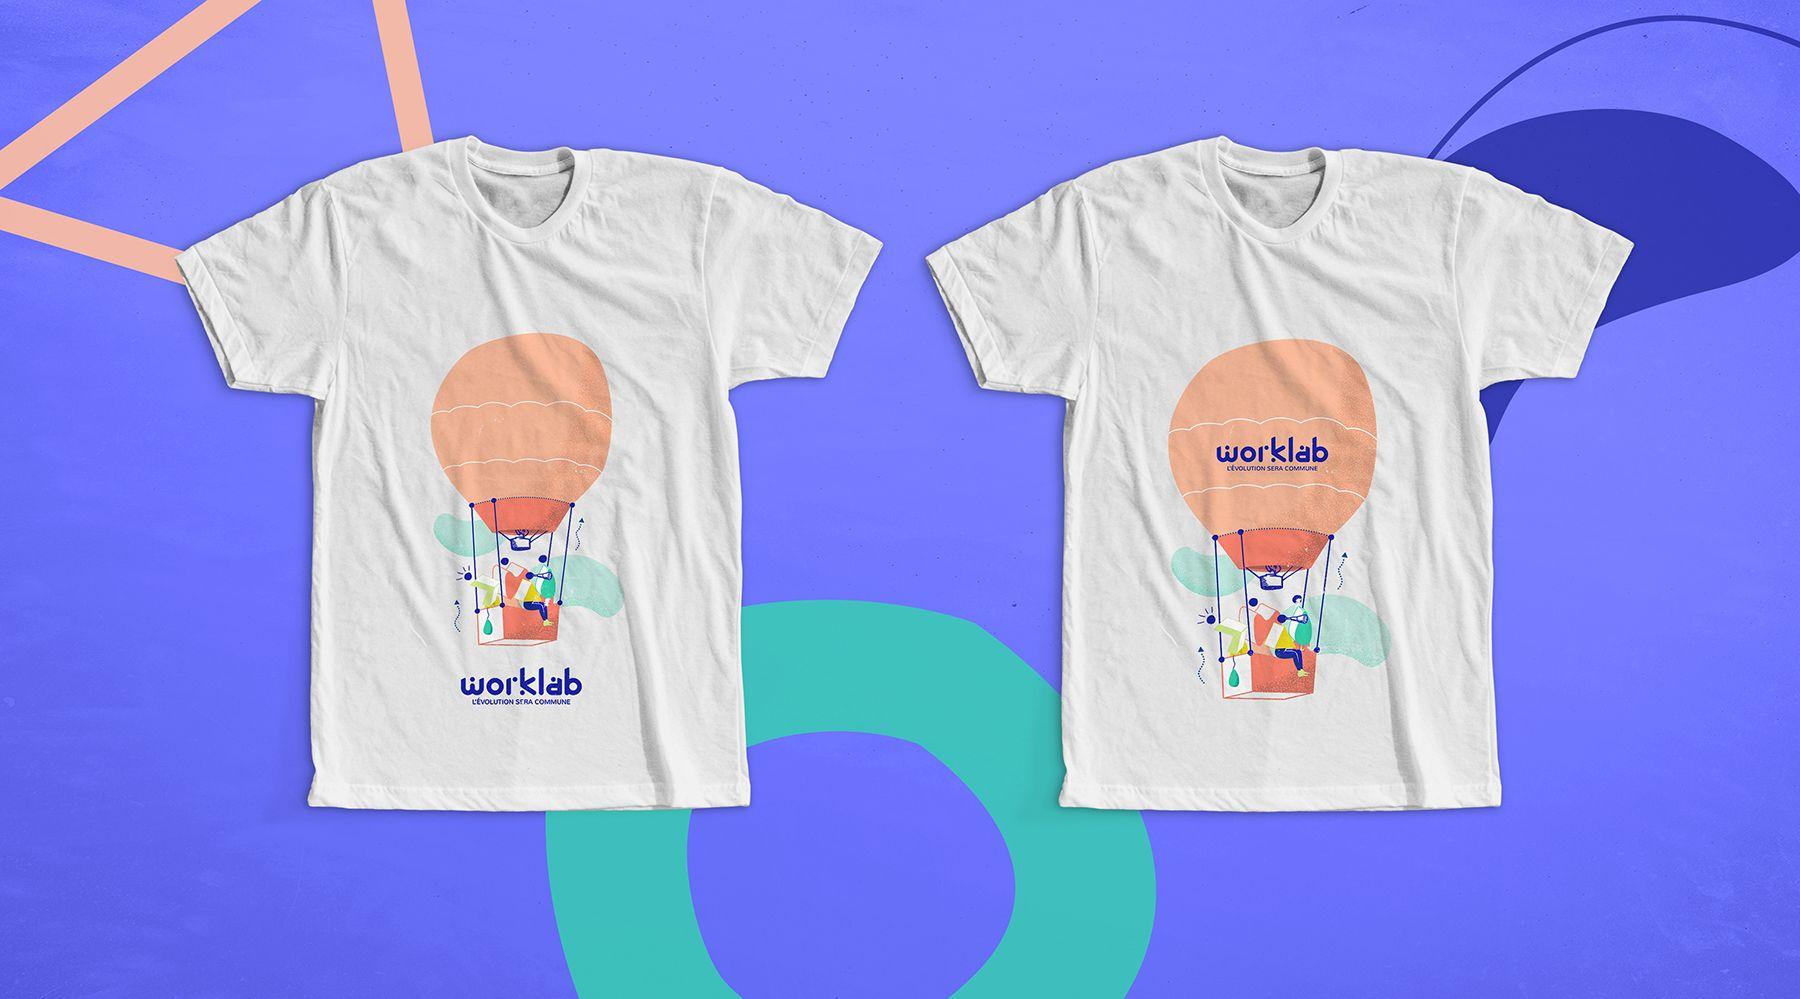 Un prototype de support éditorial pour Worklab : tshirt